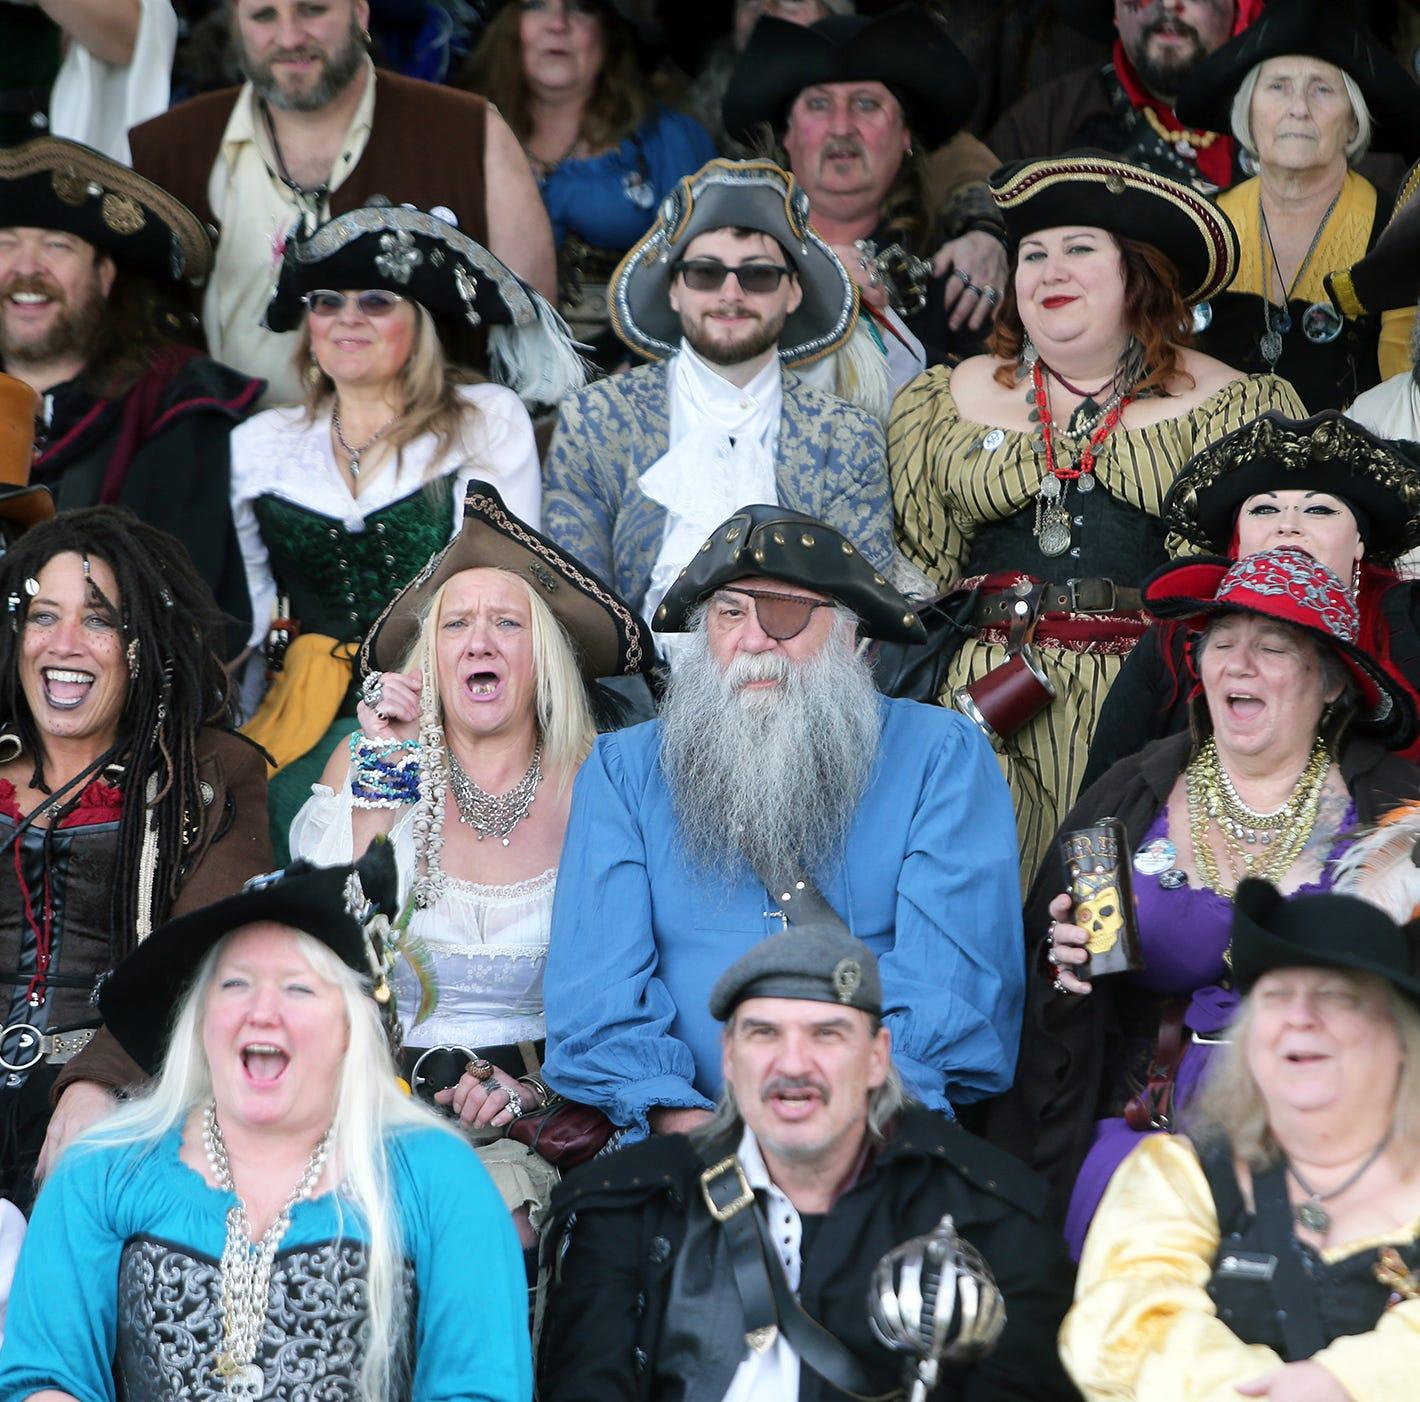 Pirates descend on Port Arrrchard for weekend celebration